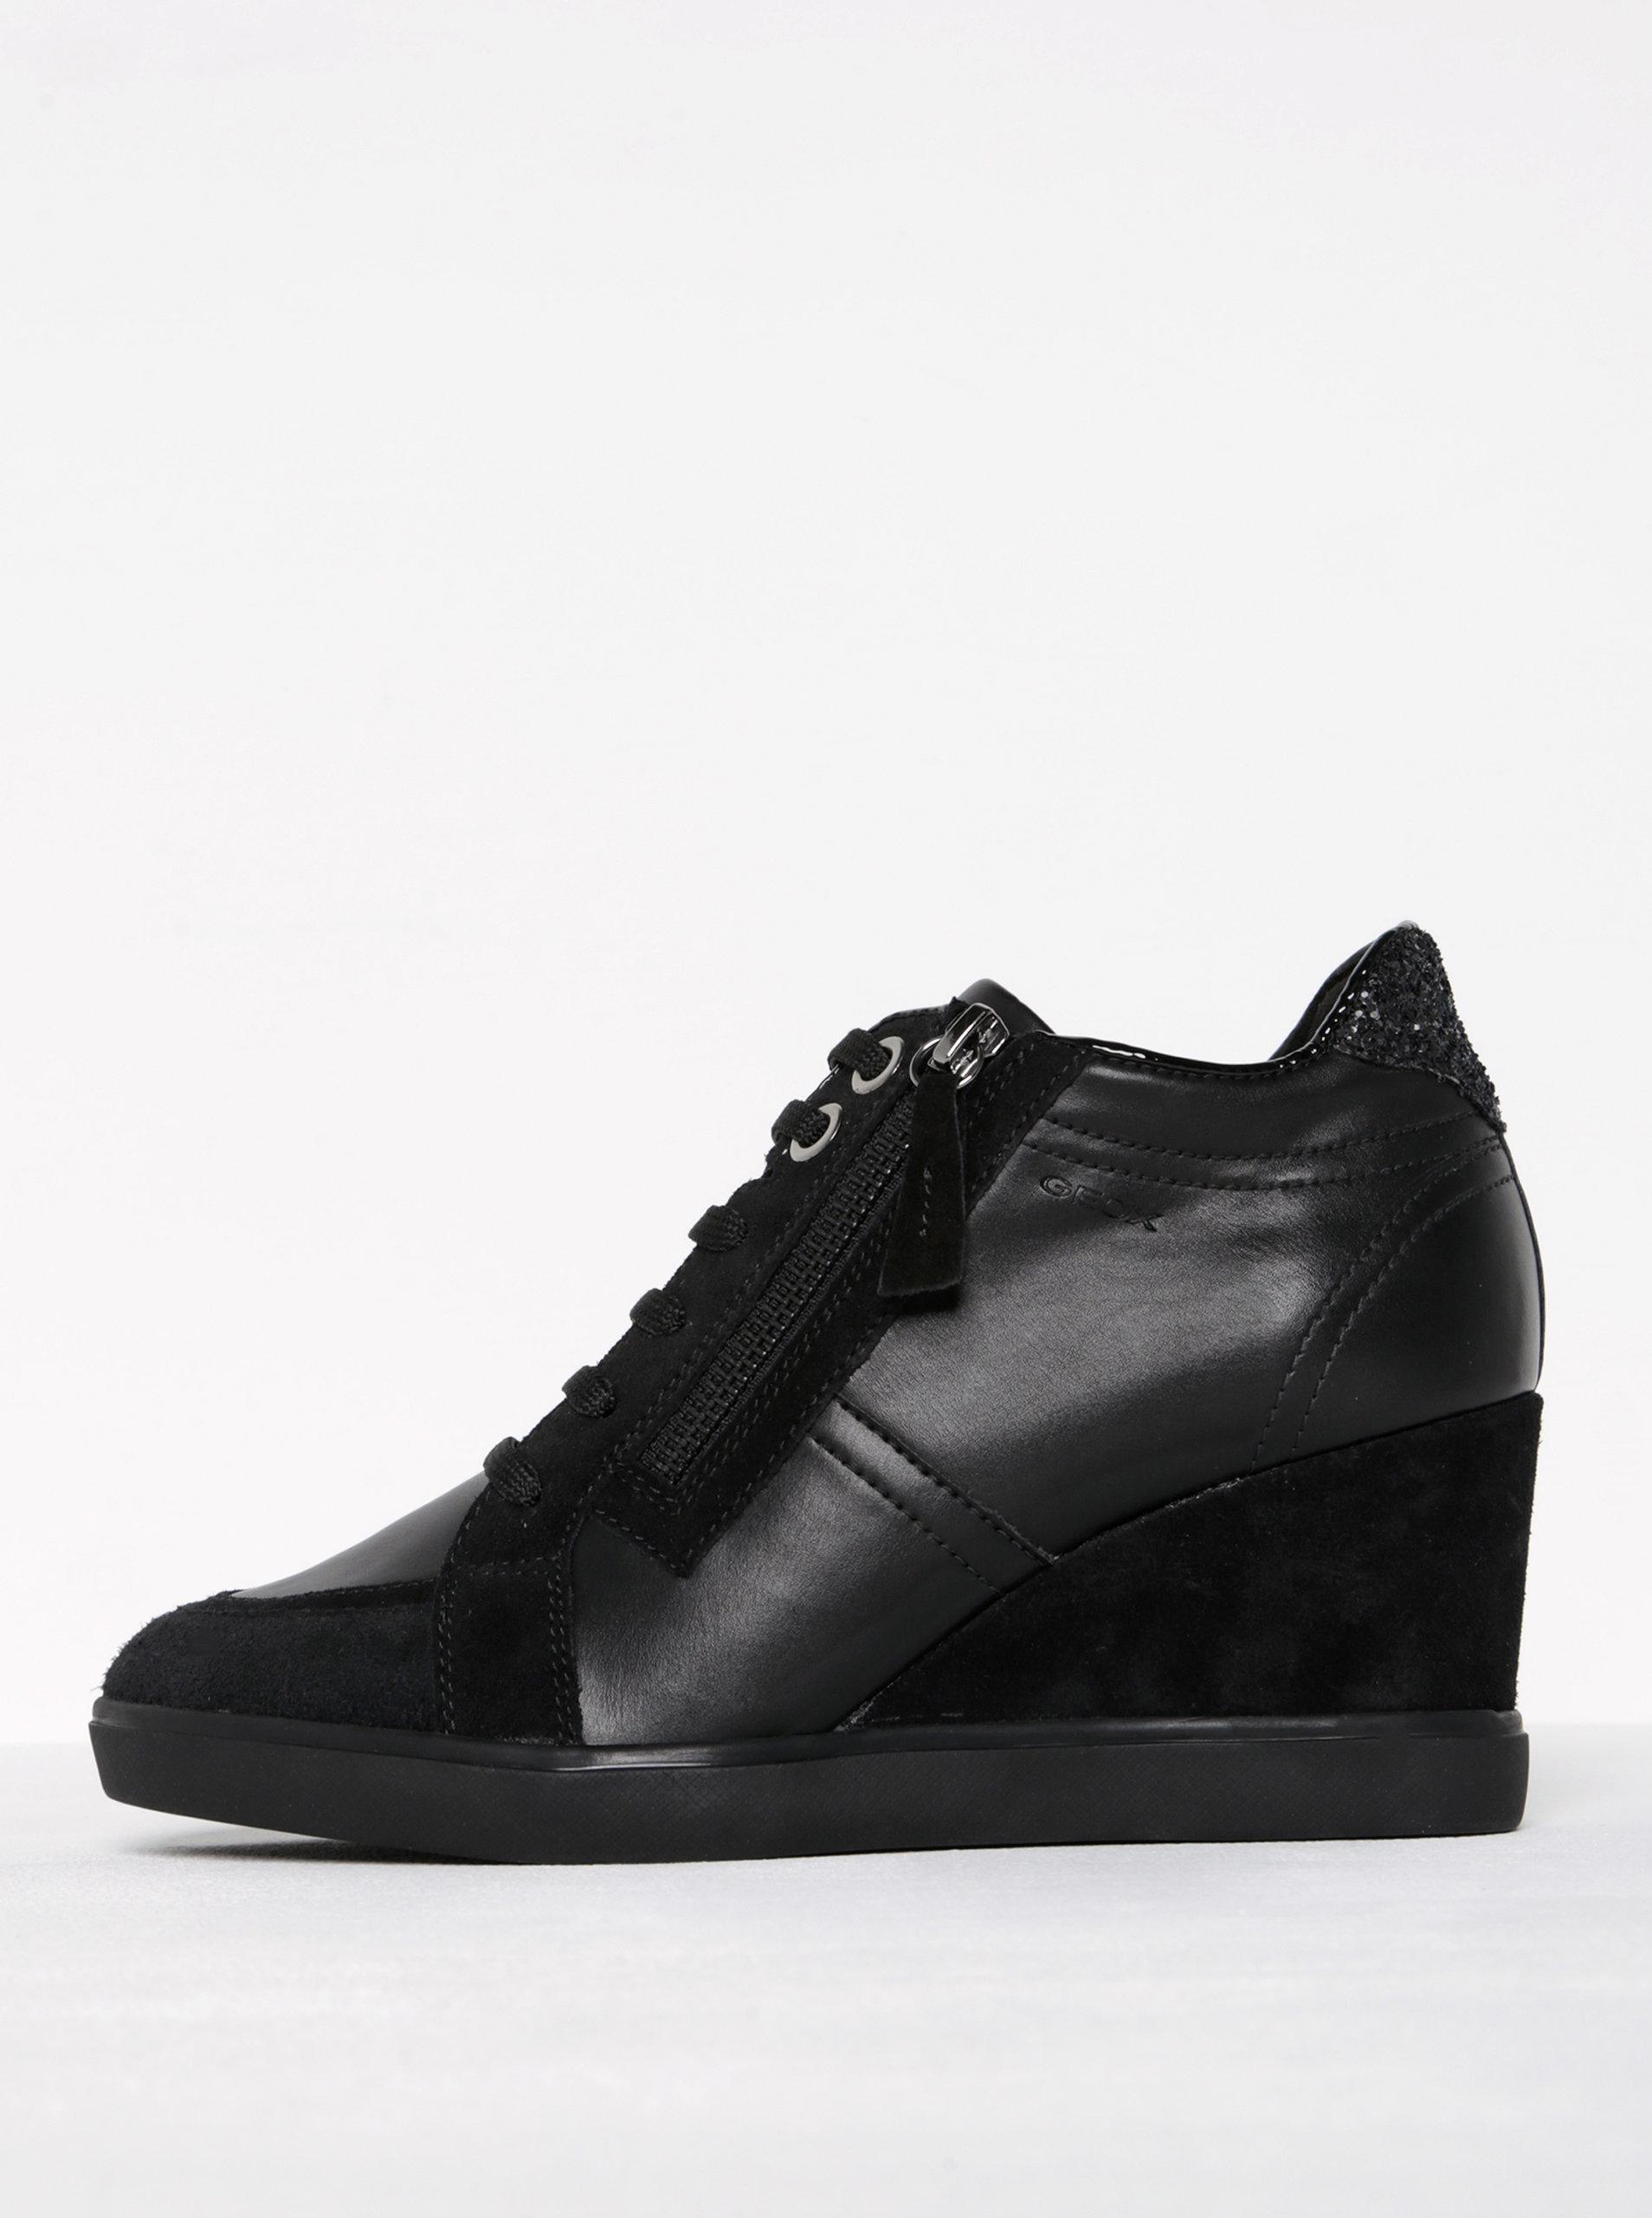 4a935839c2f4 Čierne dámske tenisky na platforme s koženými detailmi Geox Eleni ...